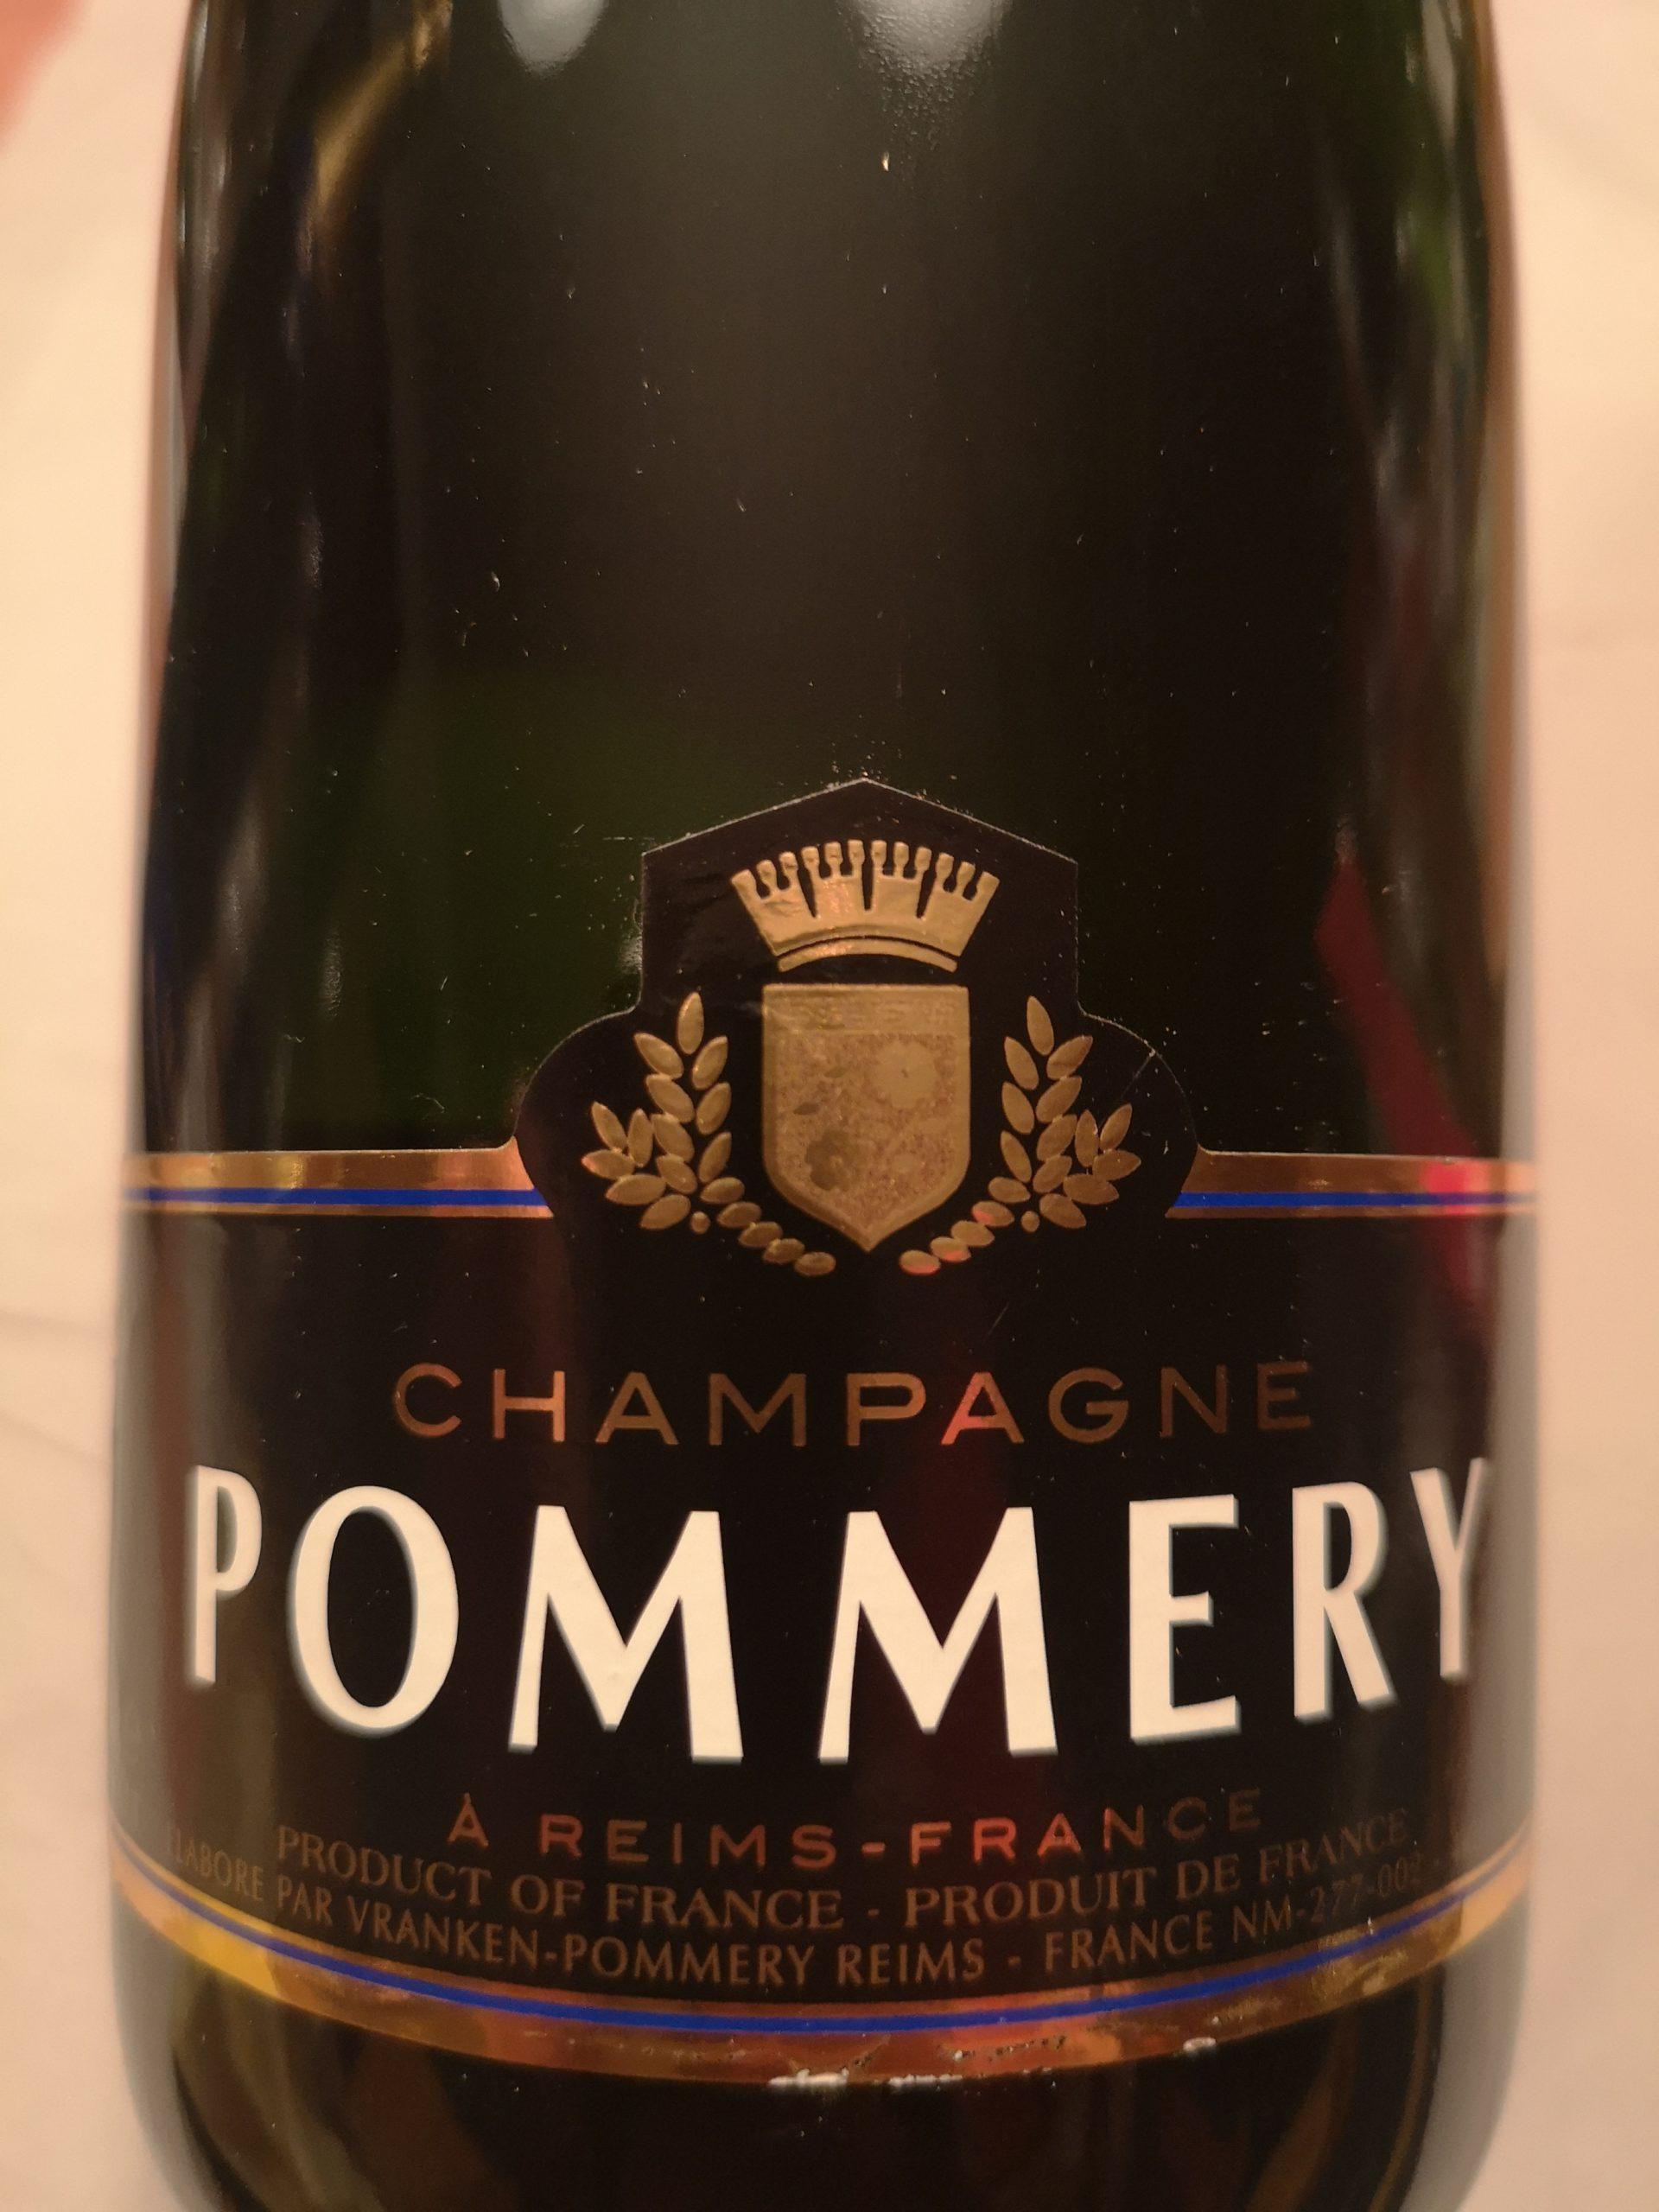 -nv- Champagne Pommery Noir Brut – Pommery